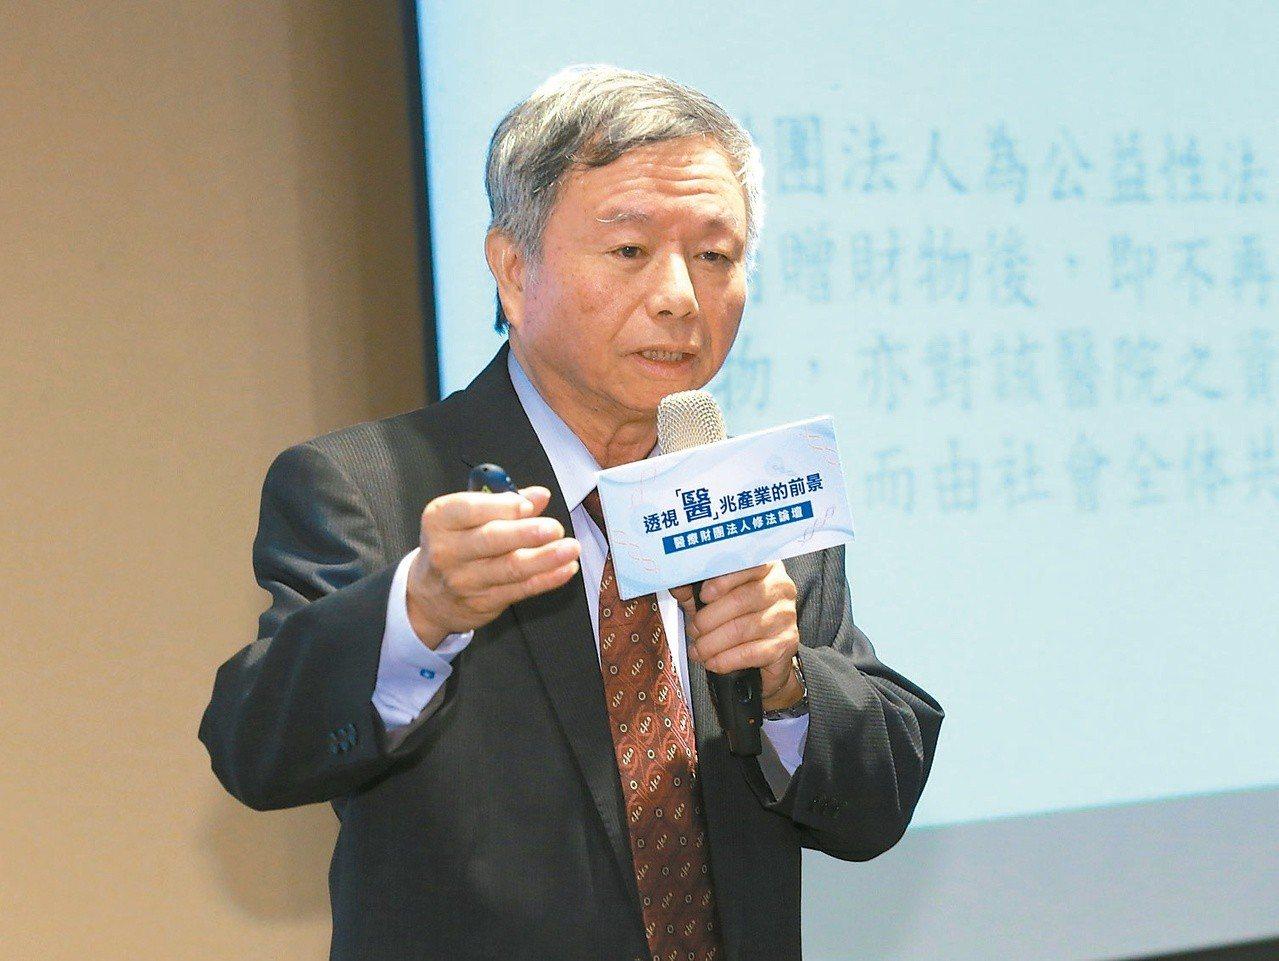 公衛學者、前衛生署長楊志良表示,現在電腦科技進步,部分負擔改採定律至並不困難,只...